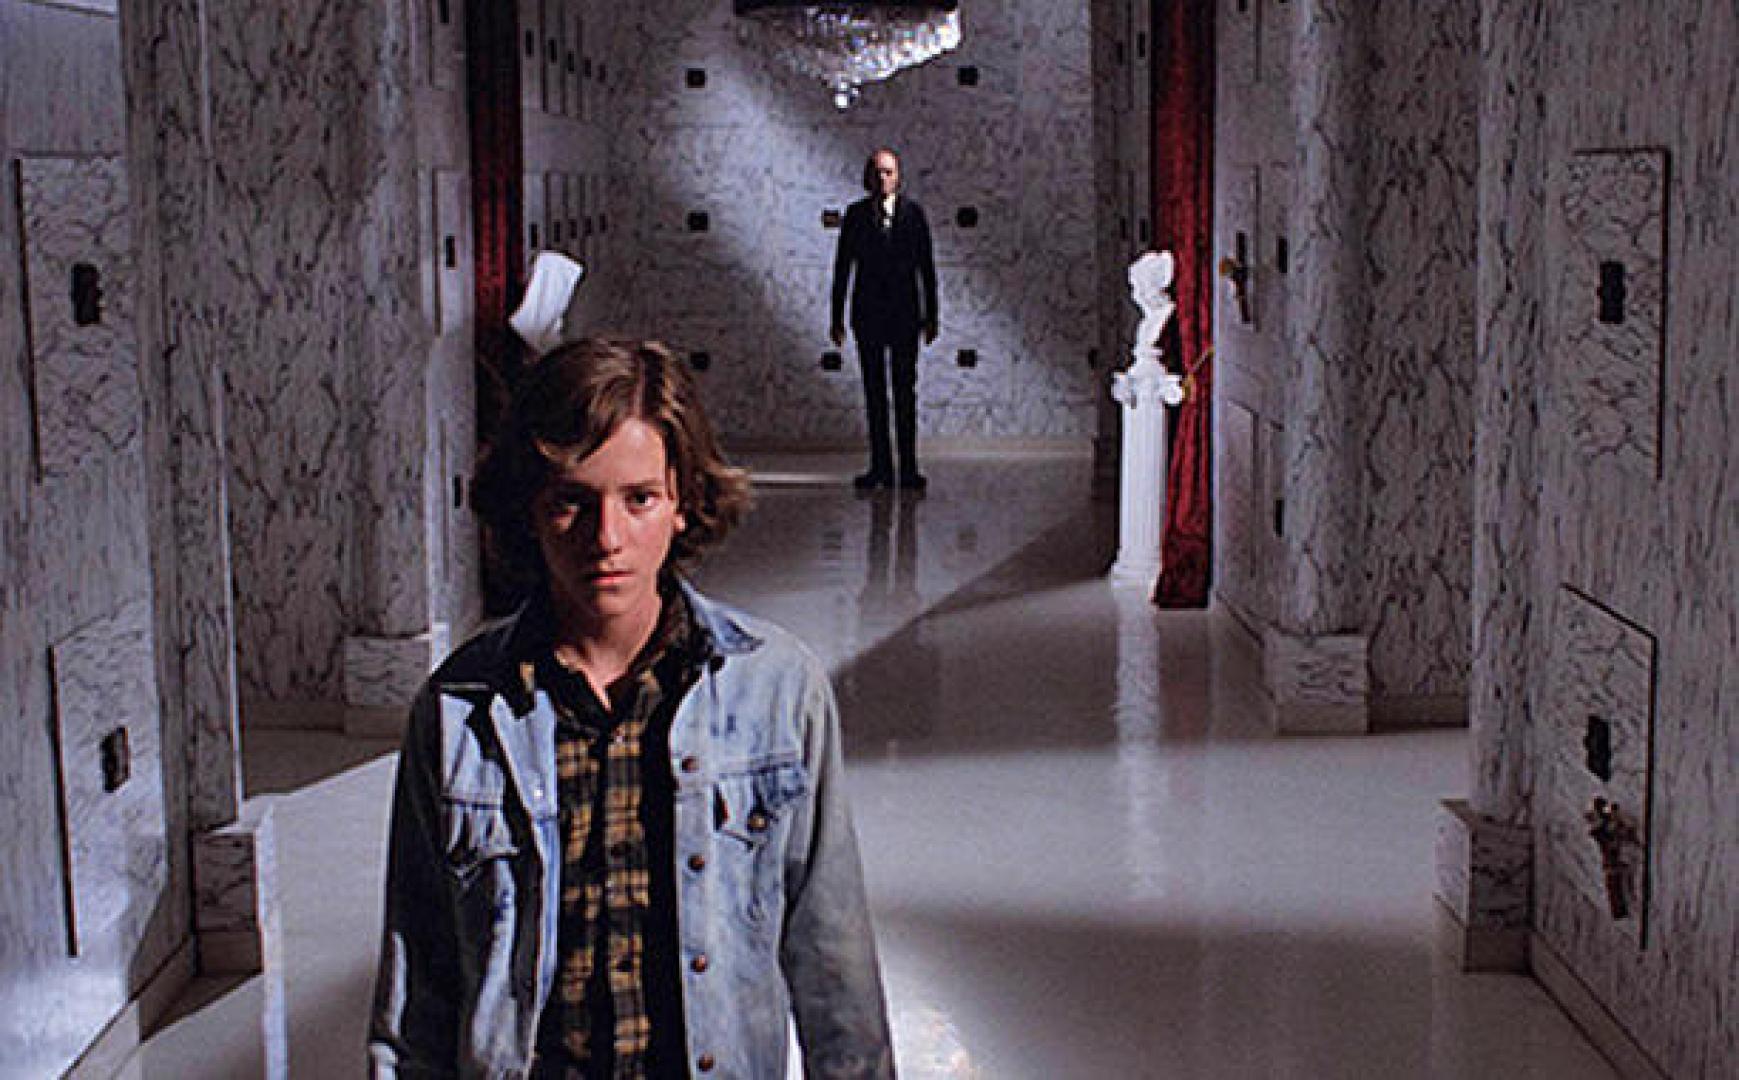 Phantasm - Fantazma (1979) 2. kép